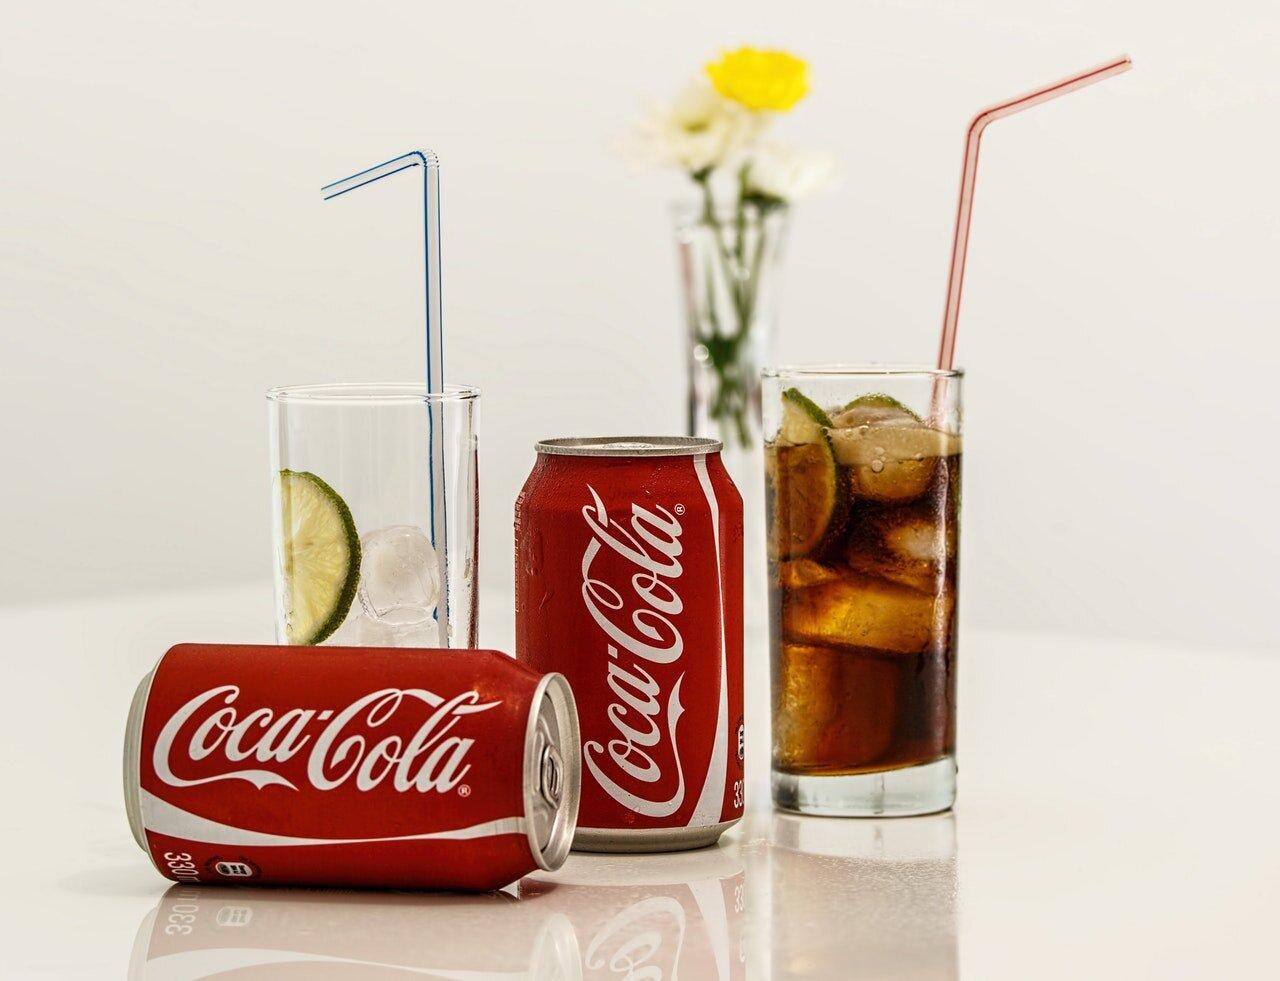 Do you prefer a classic Coke or the deeper cuts like cherry, vanilla and zero? -